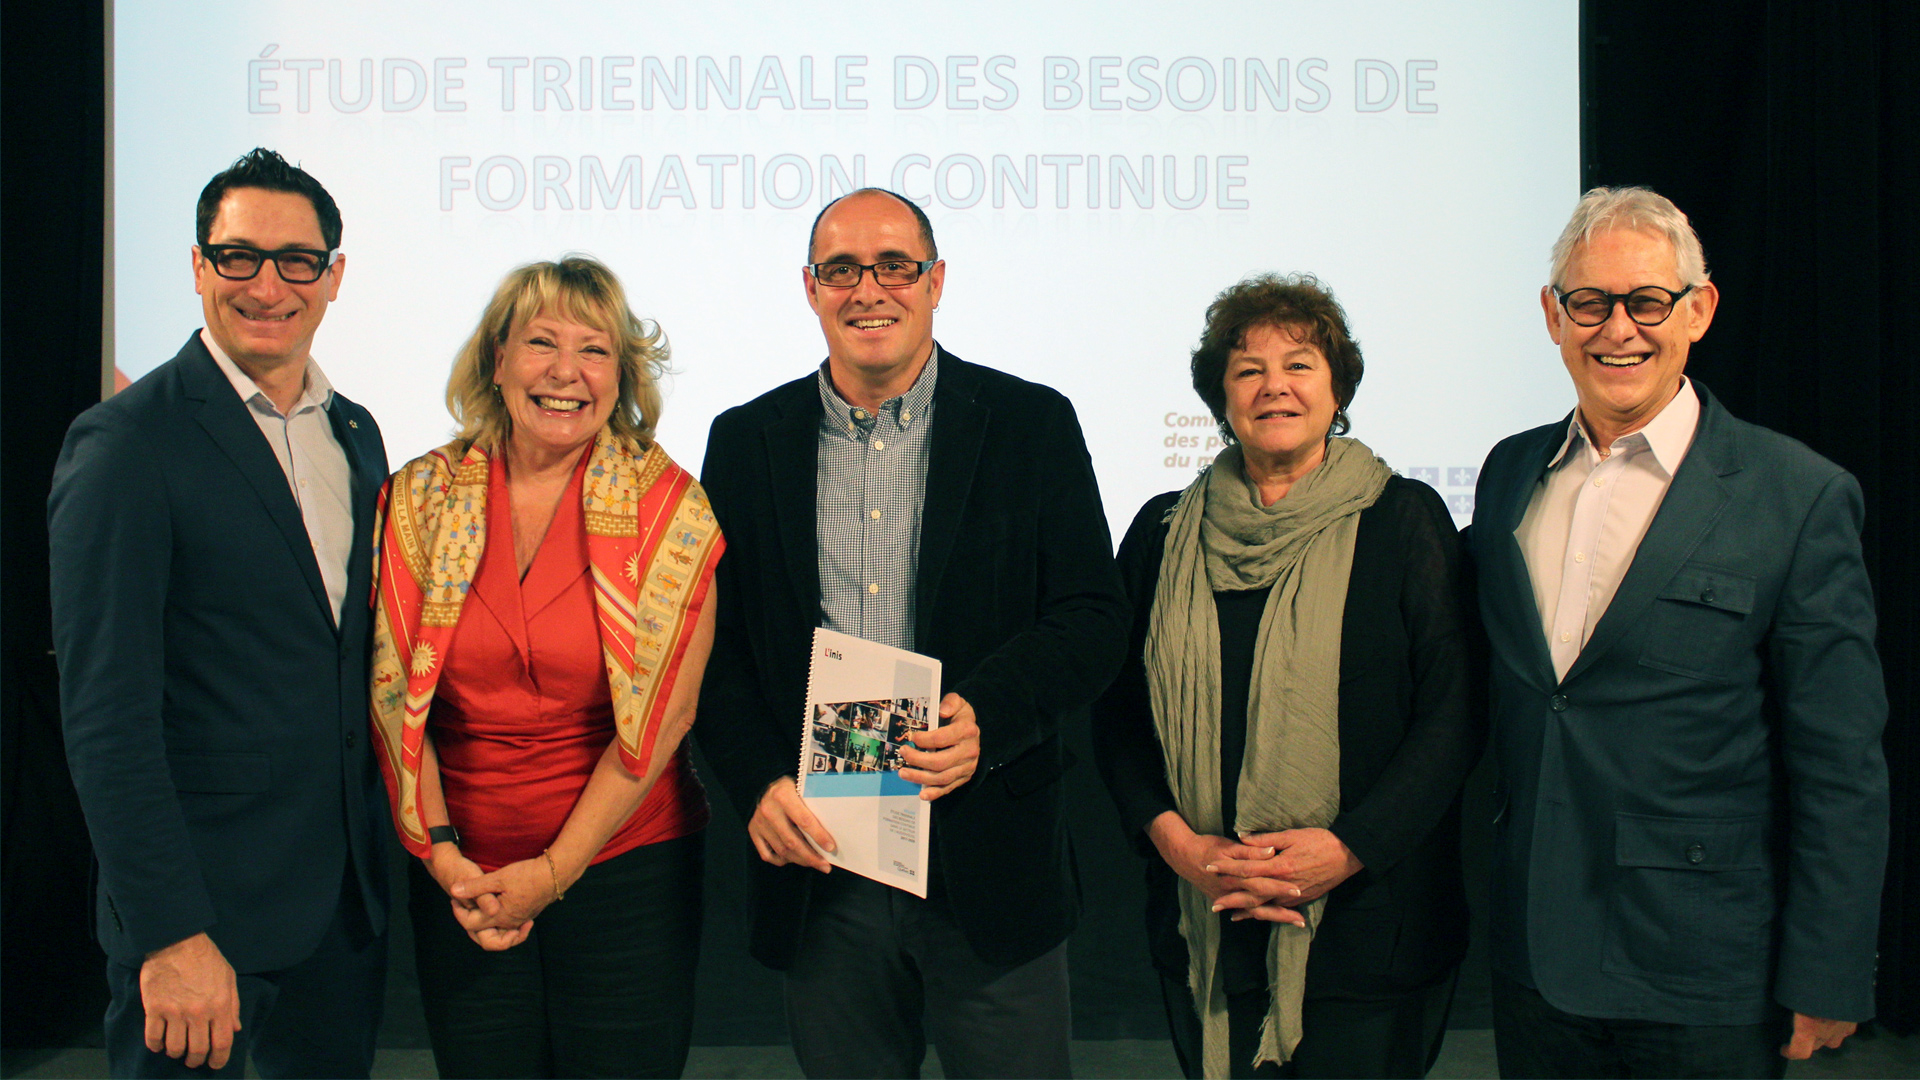 L'inis dévoile l'Étude triennale des besoins de formation continue  dans le secteur de l'audiovisuel 2017-2020